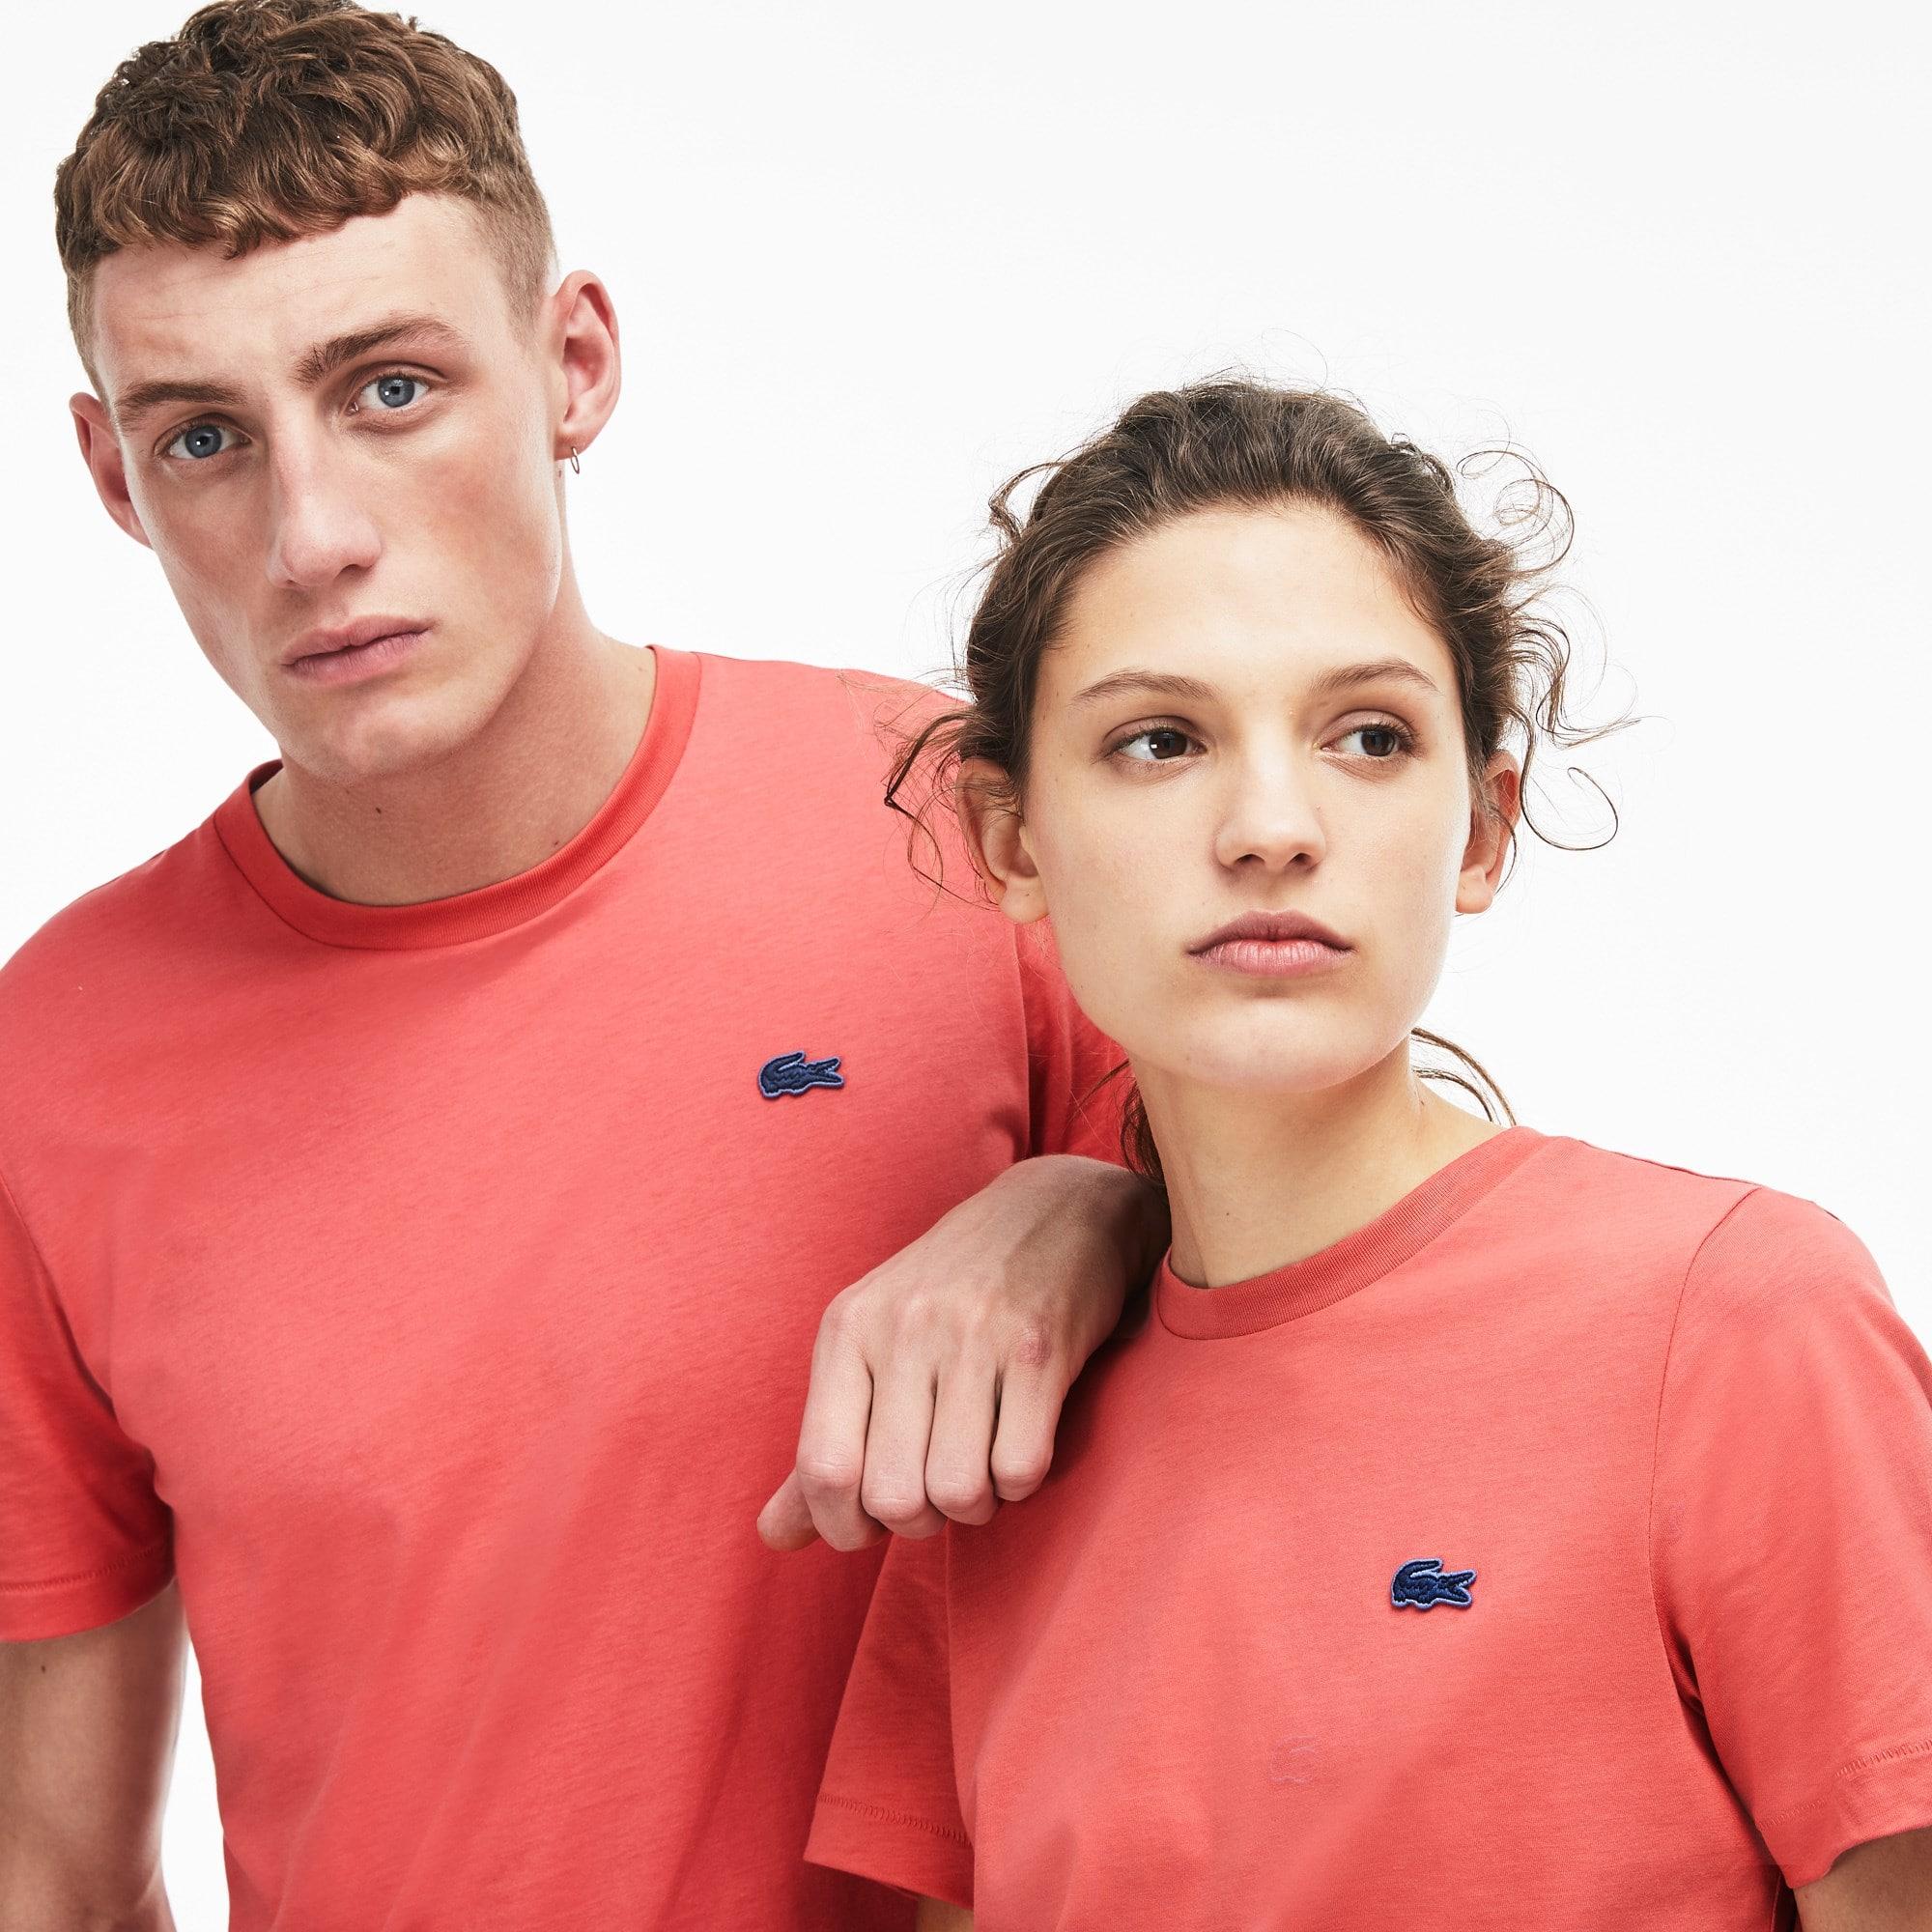 Camiseta unisex en tejido de punto de algodón con cuello redondo Lacoste LIVE